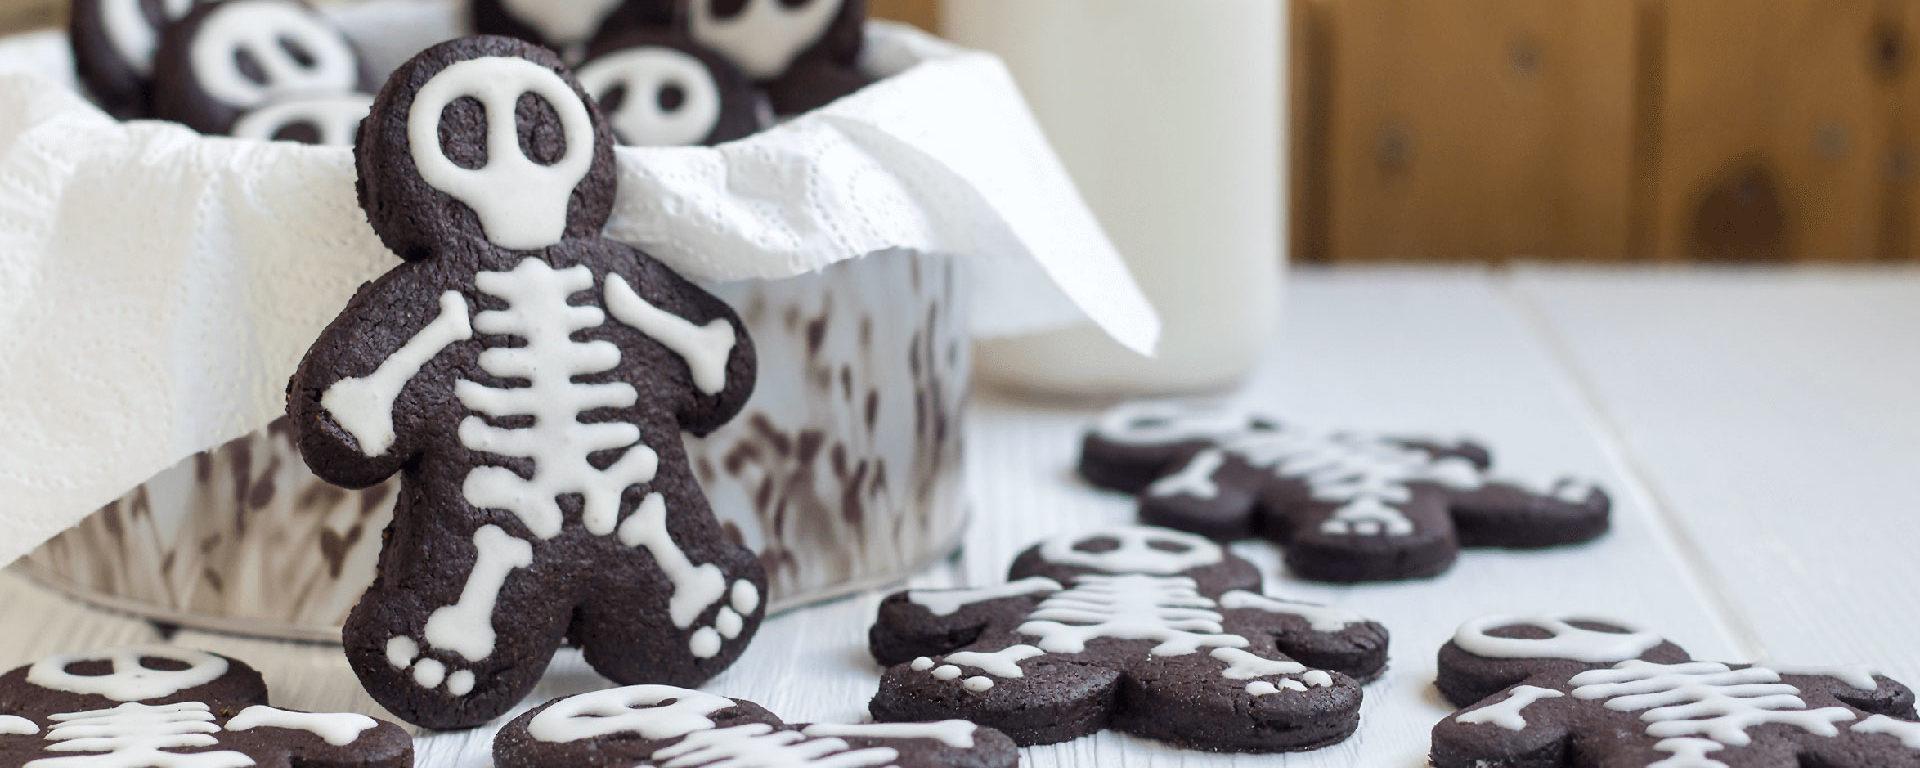 Szkieletowe słodycze